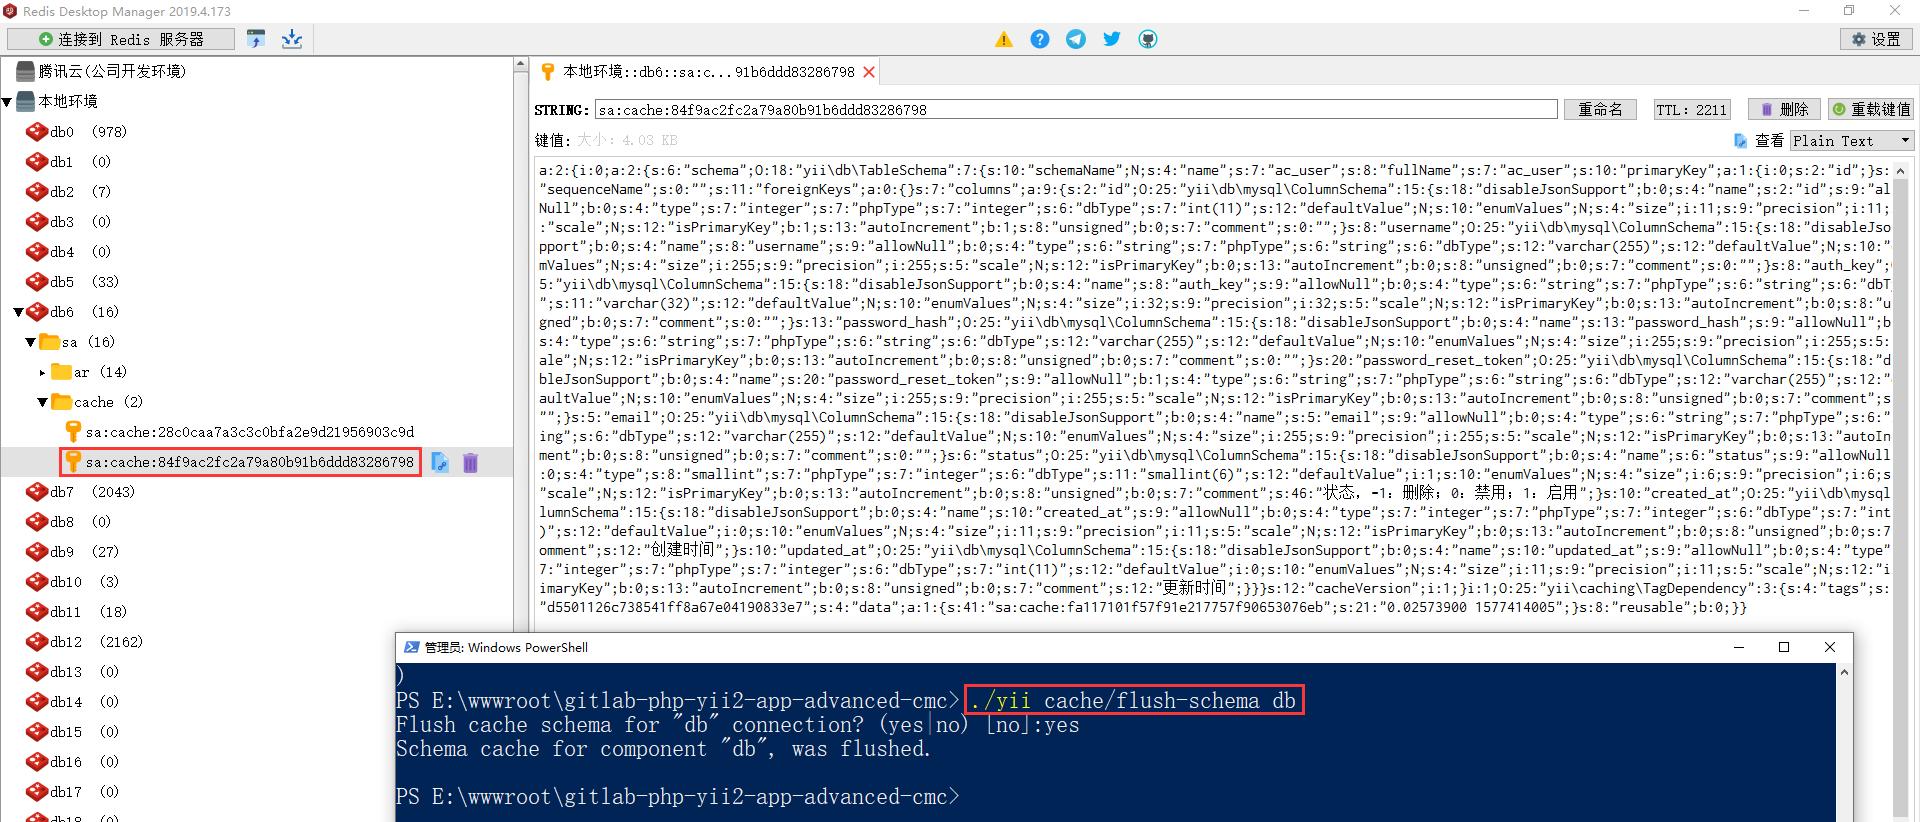 由于数据表结构有变更,进而导致 Schema 缓存数据 与 Schema 数据 的不一致,因此,需要清除给定连接组件的数据库表结构缓存。参考网址:https://www.yiiframework.com/doc/guide/2.0/zh-cn/caching-data ,执行控制台命令,但是查看 Redis,键名:sa:cache:84f9ac2fc2a79a80b91b6ddd83286798,发现新添加字段:is_deleted,仍然还未更新至缓存中